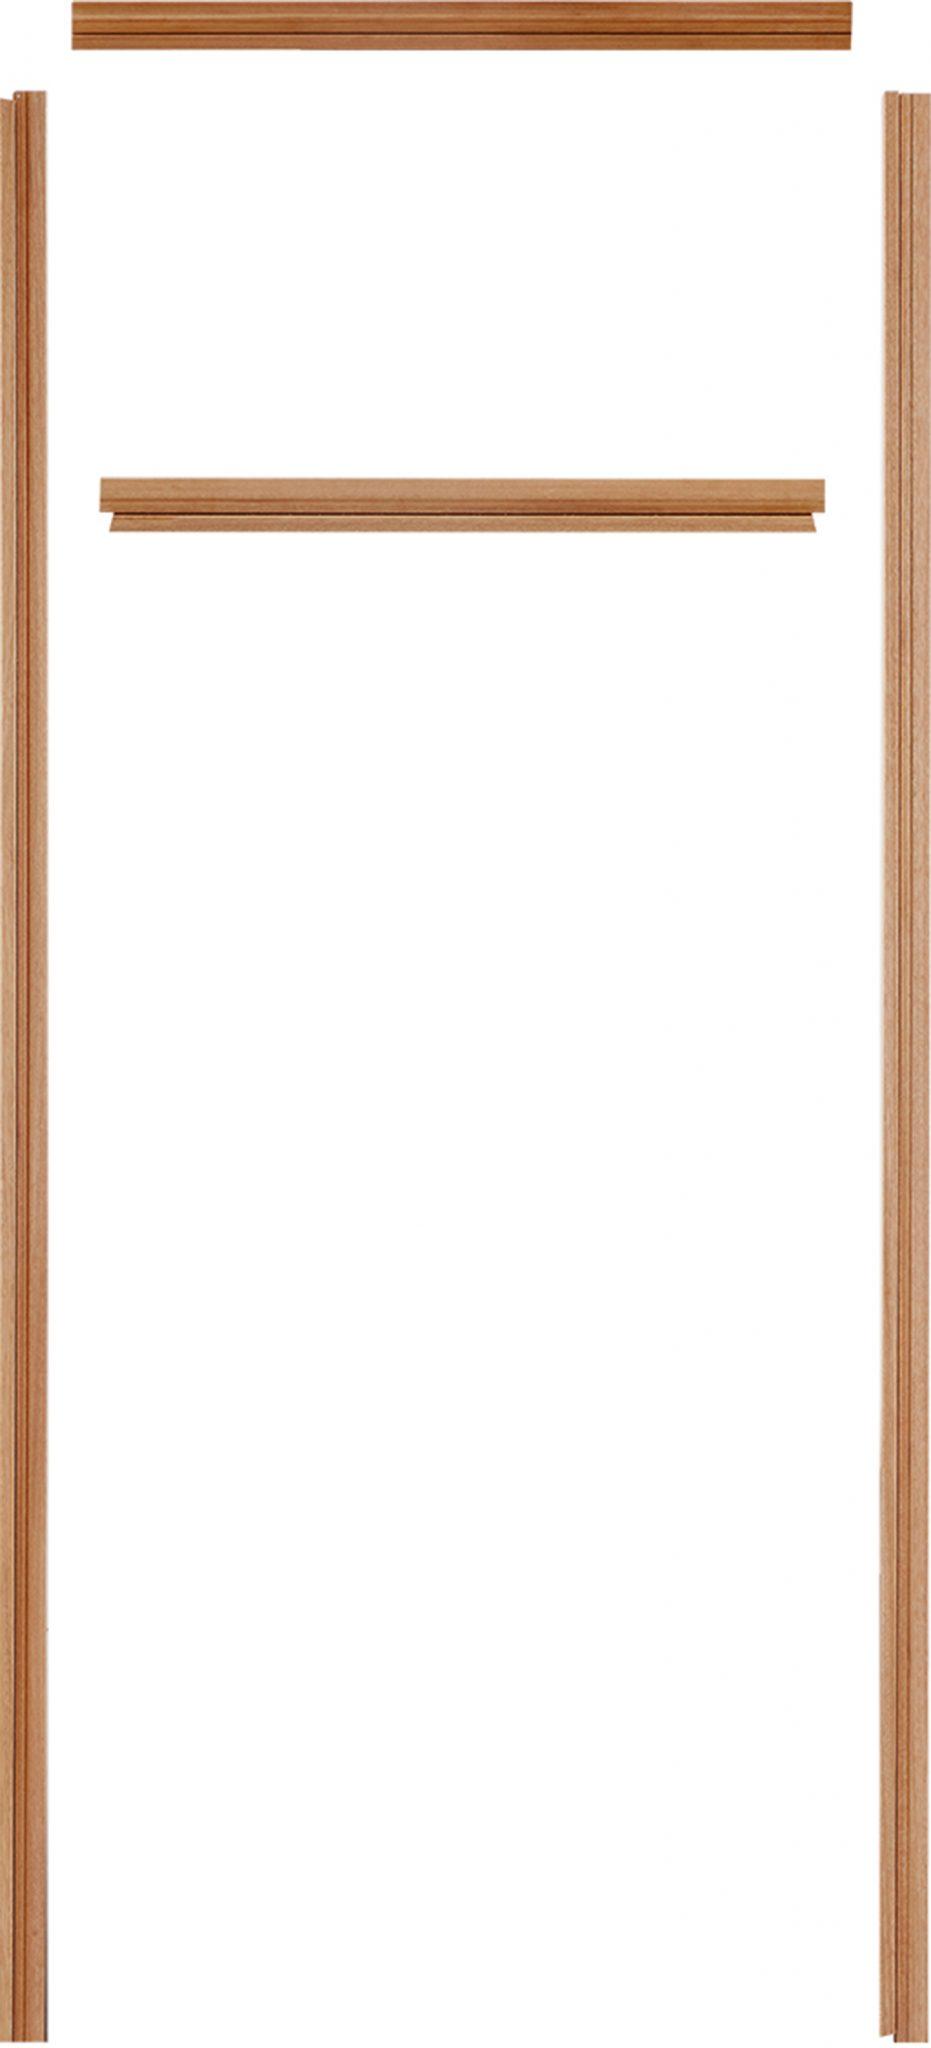 External Universal Fanlight Hardwood Door Frame from Doors & More